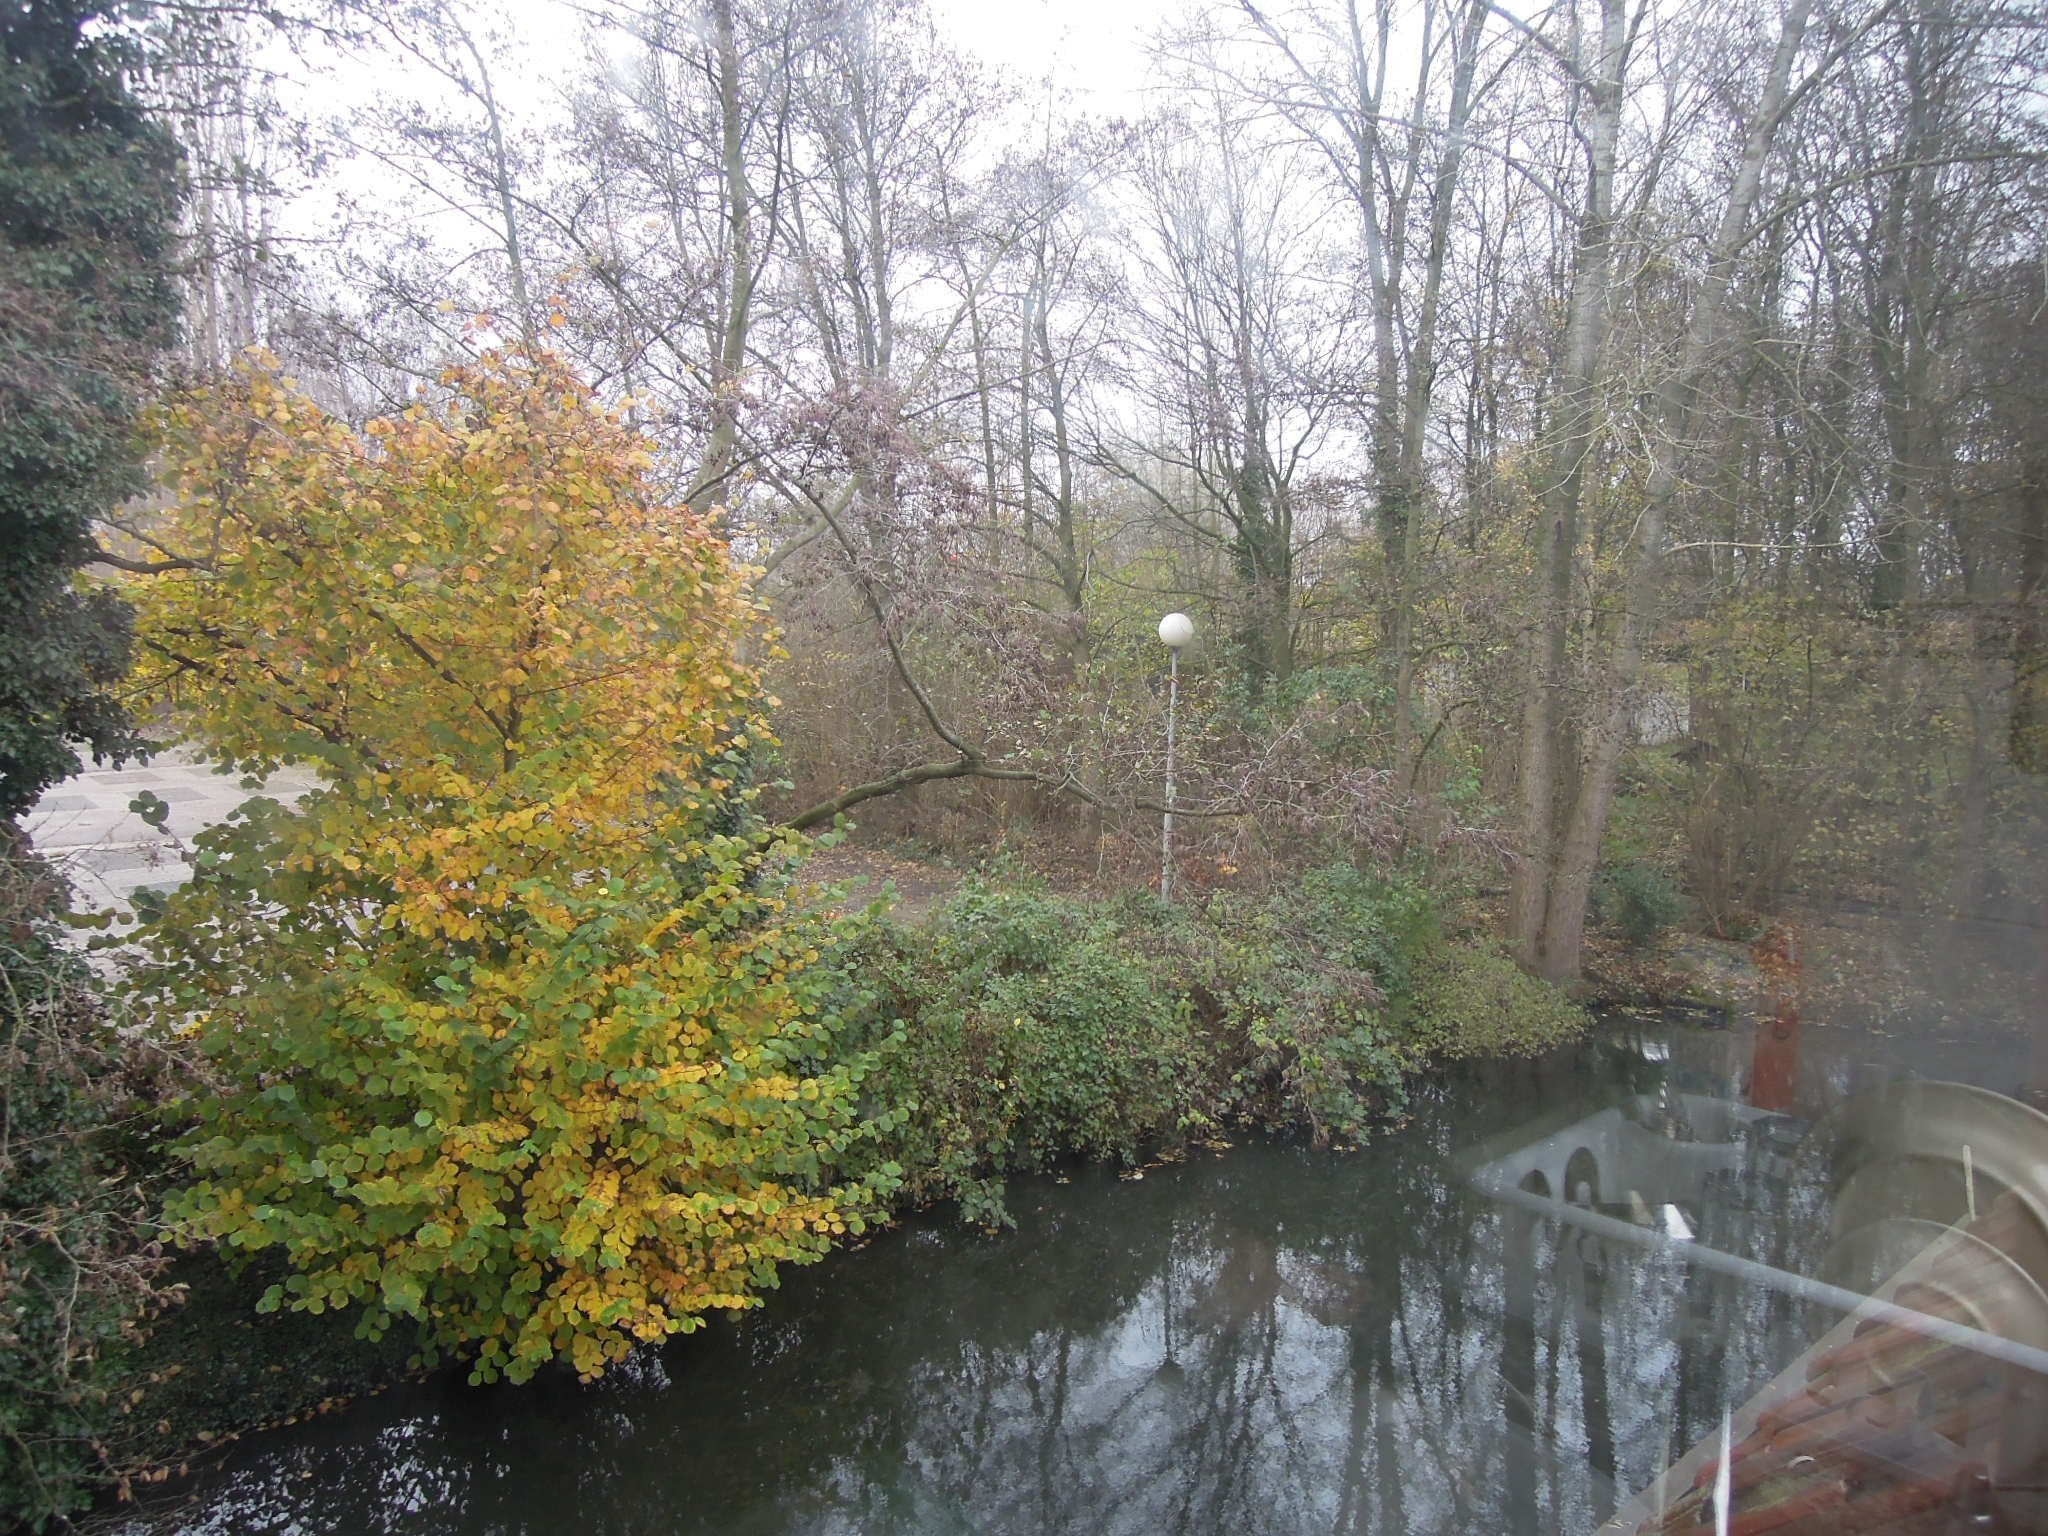 Amstelveen, Hugo de Vriesweg